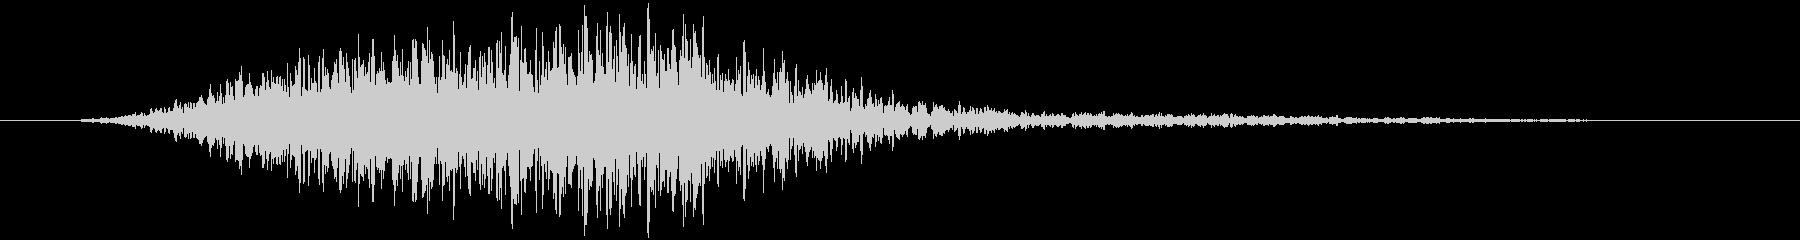 トランジション ヒューシュエア20の未再生の波形